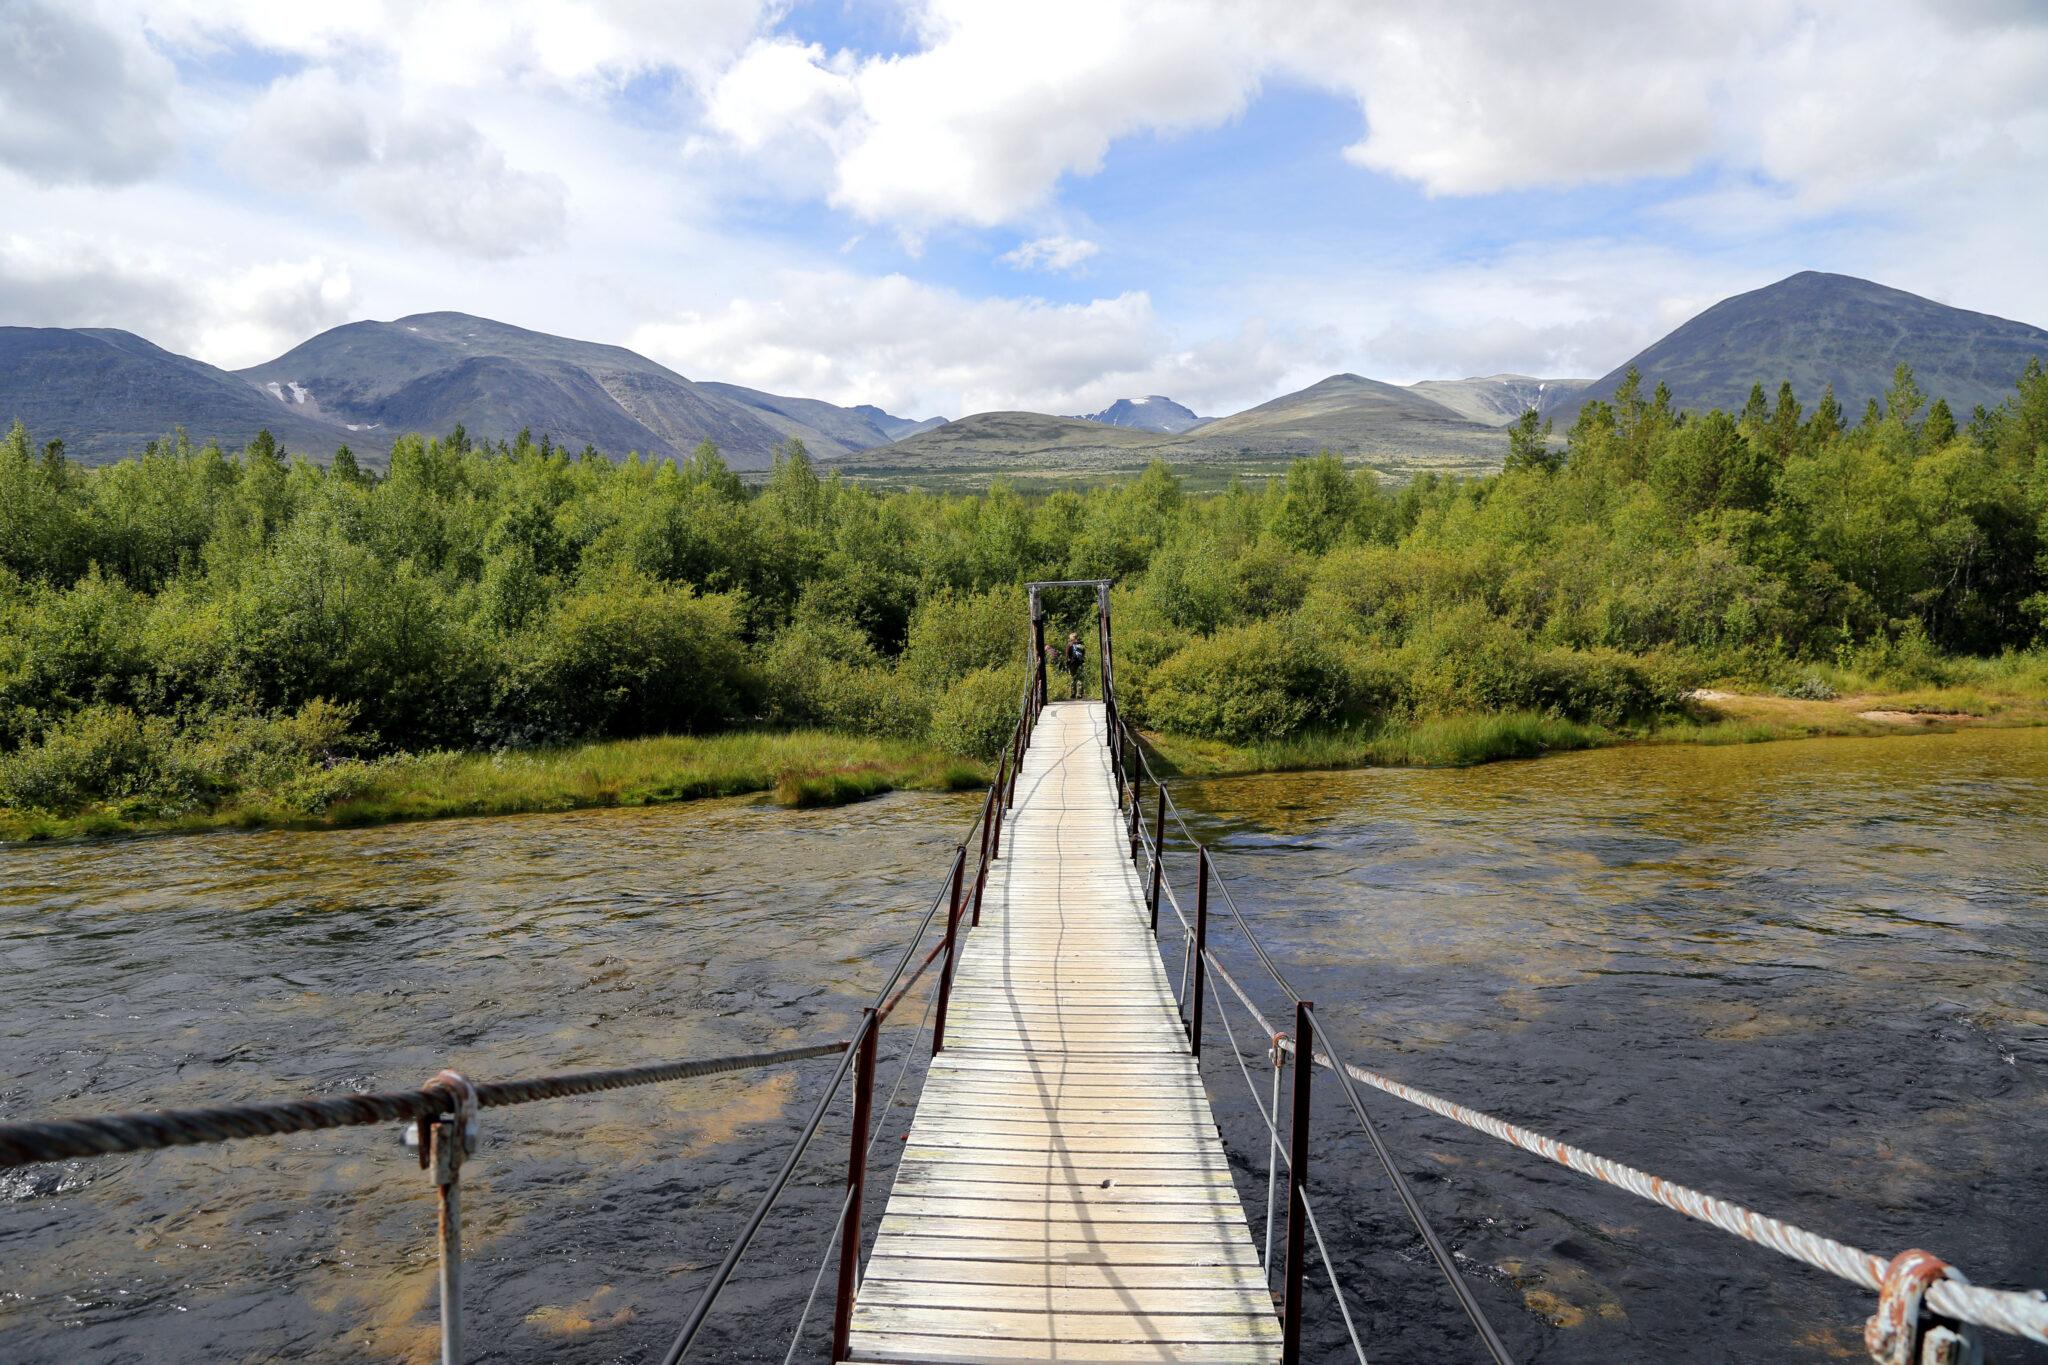 Rondanes høyeste topp, Rondslottet, er ute av lista over de høyeste toppene i fylkene.